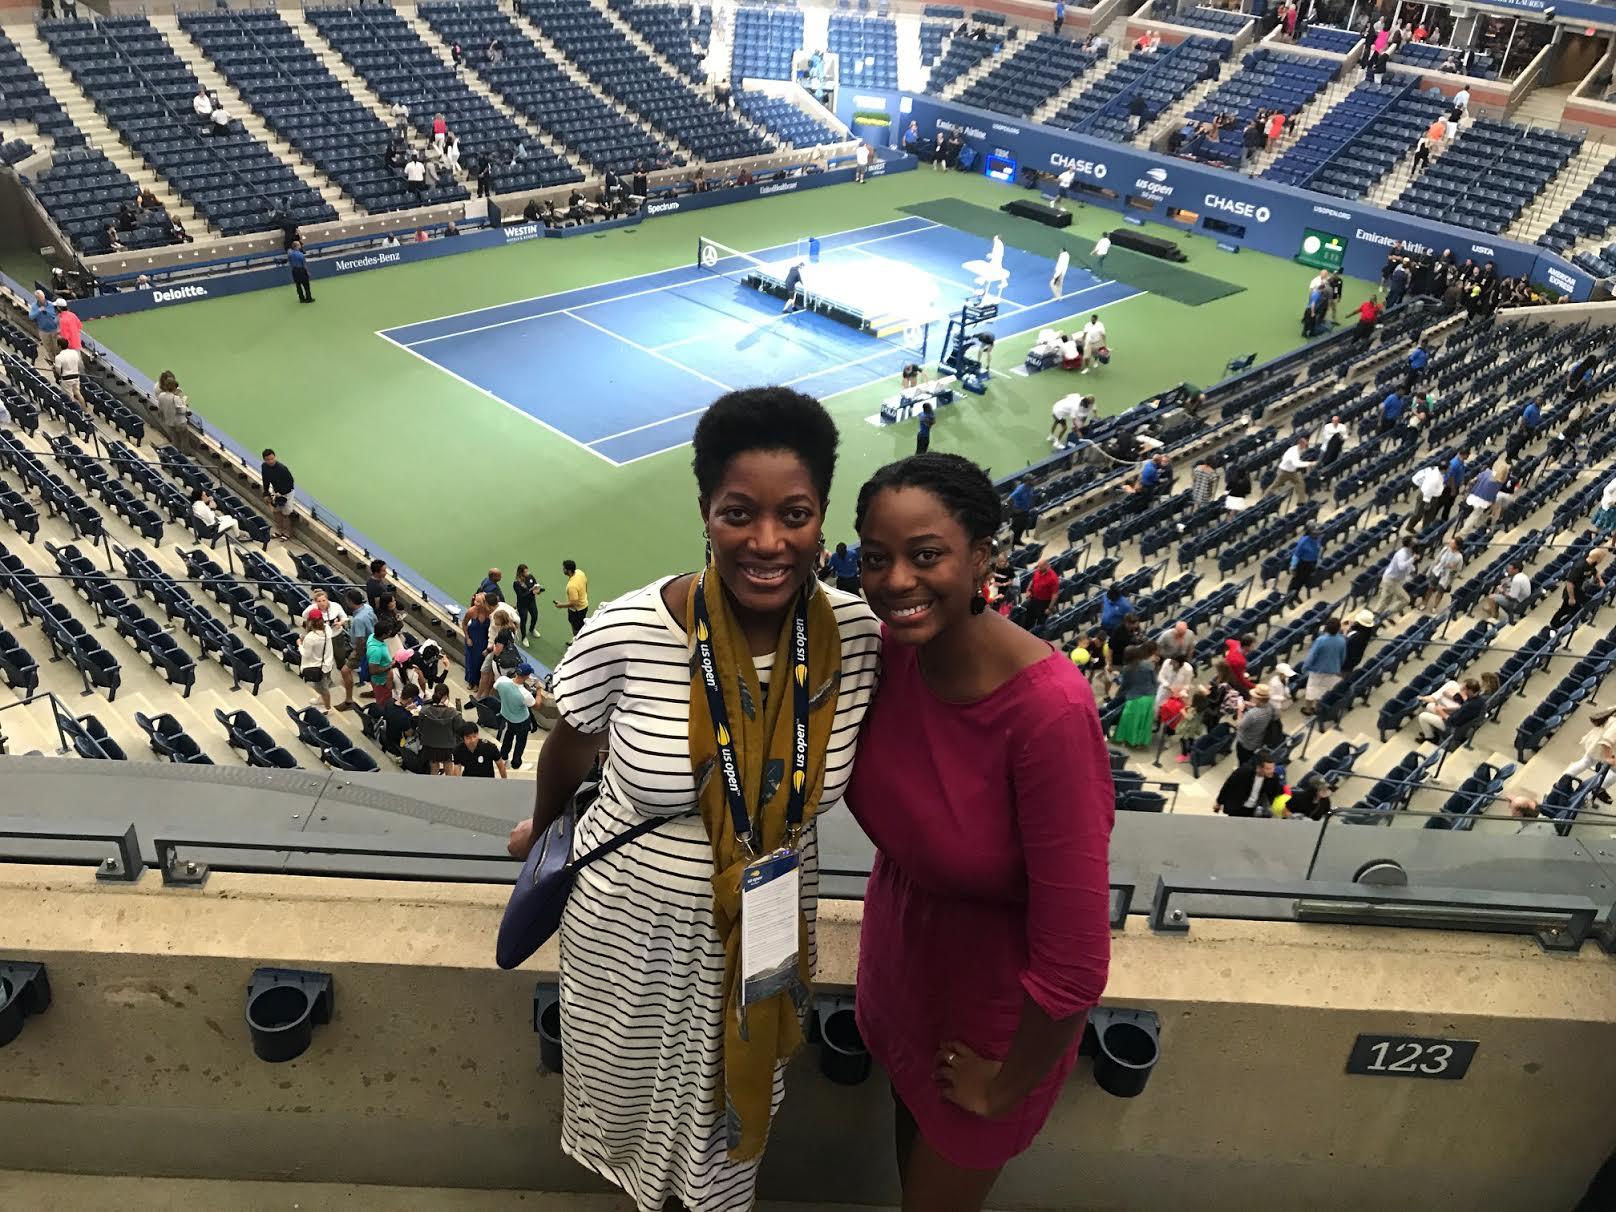 US Open Women's Final 2018